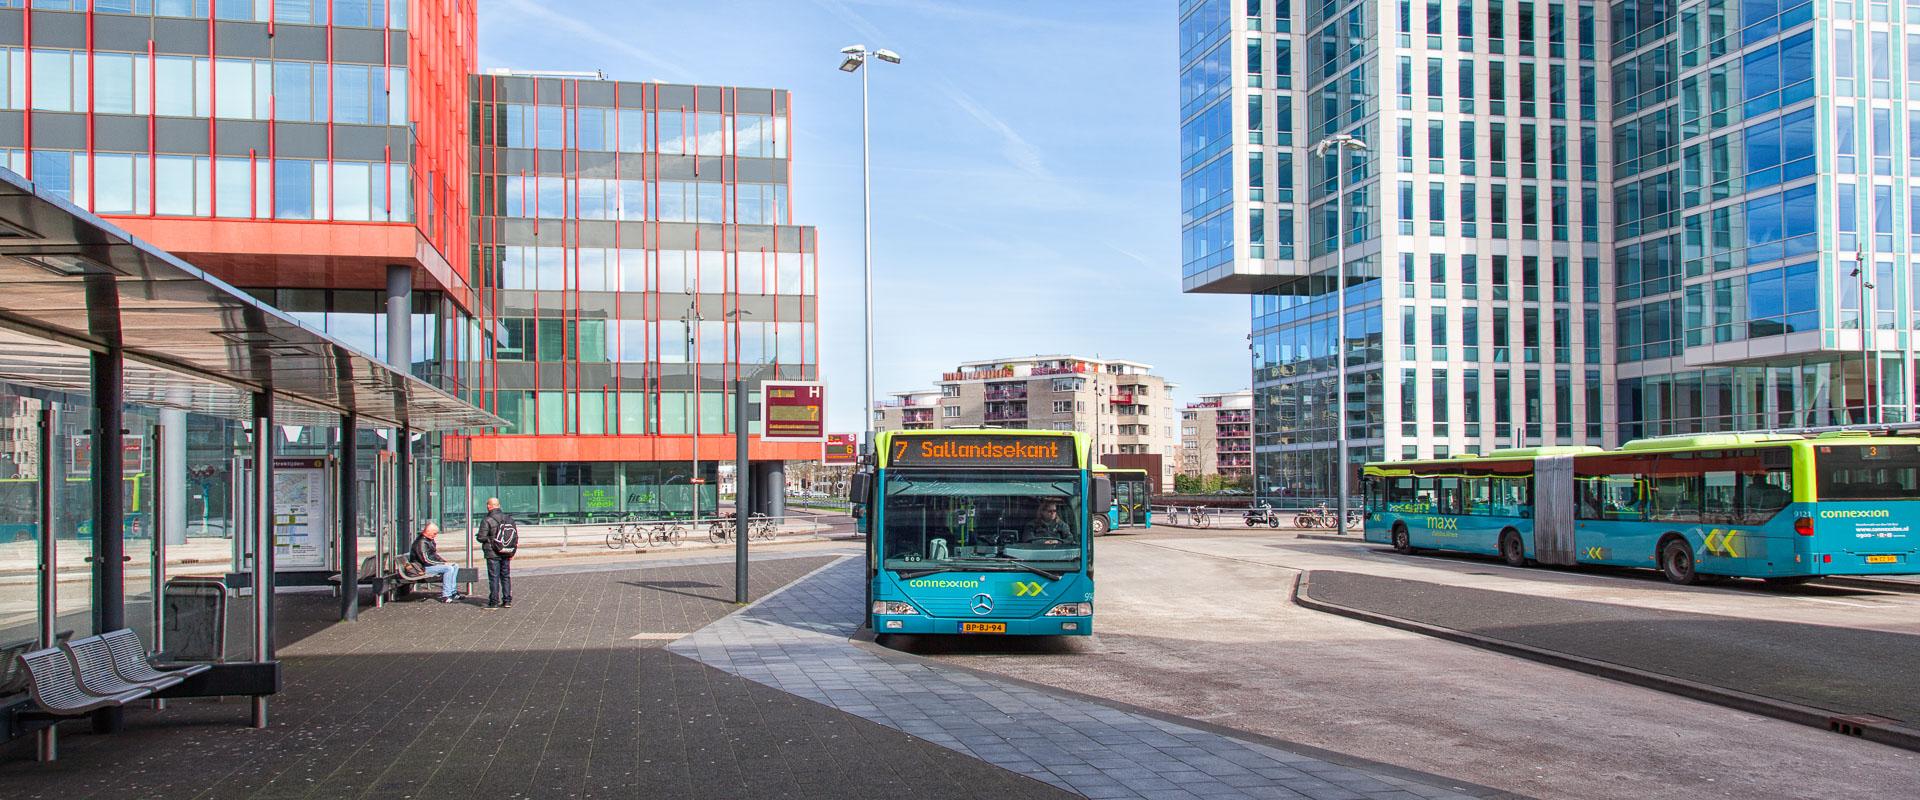 stedelijke architectuur, Almere, kleuren, gebouwen fotografie, fotograaf